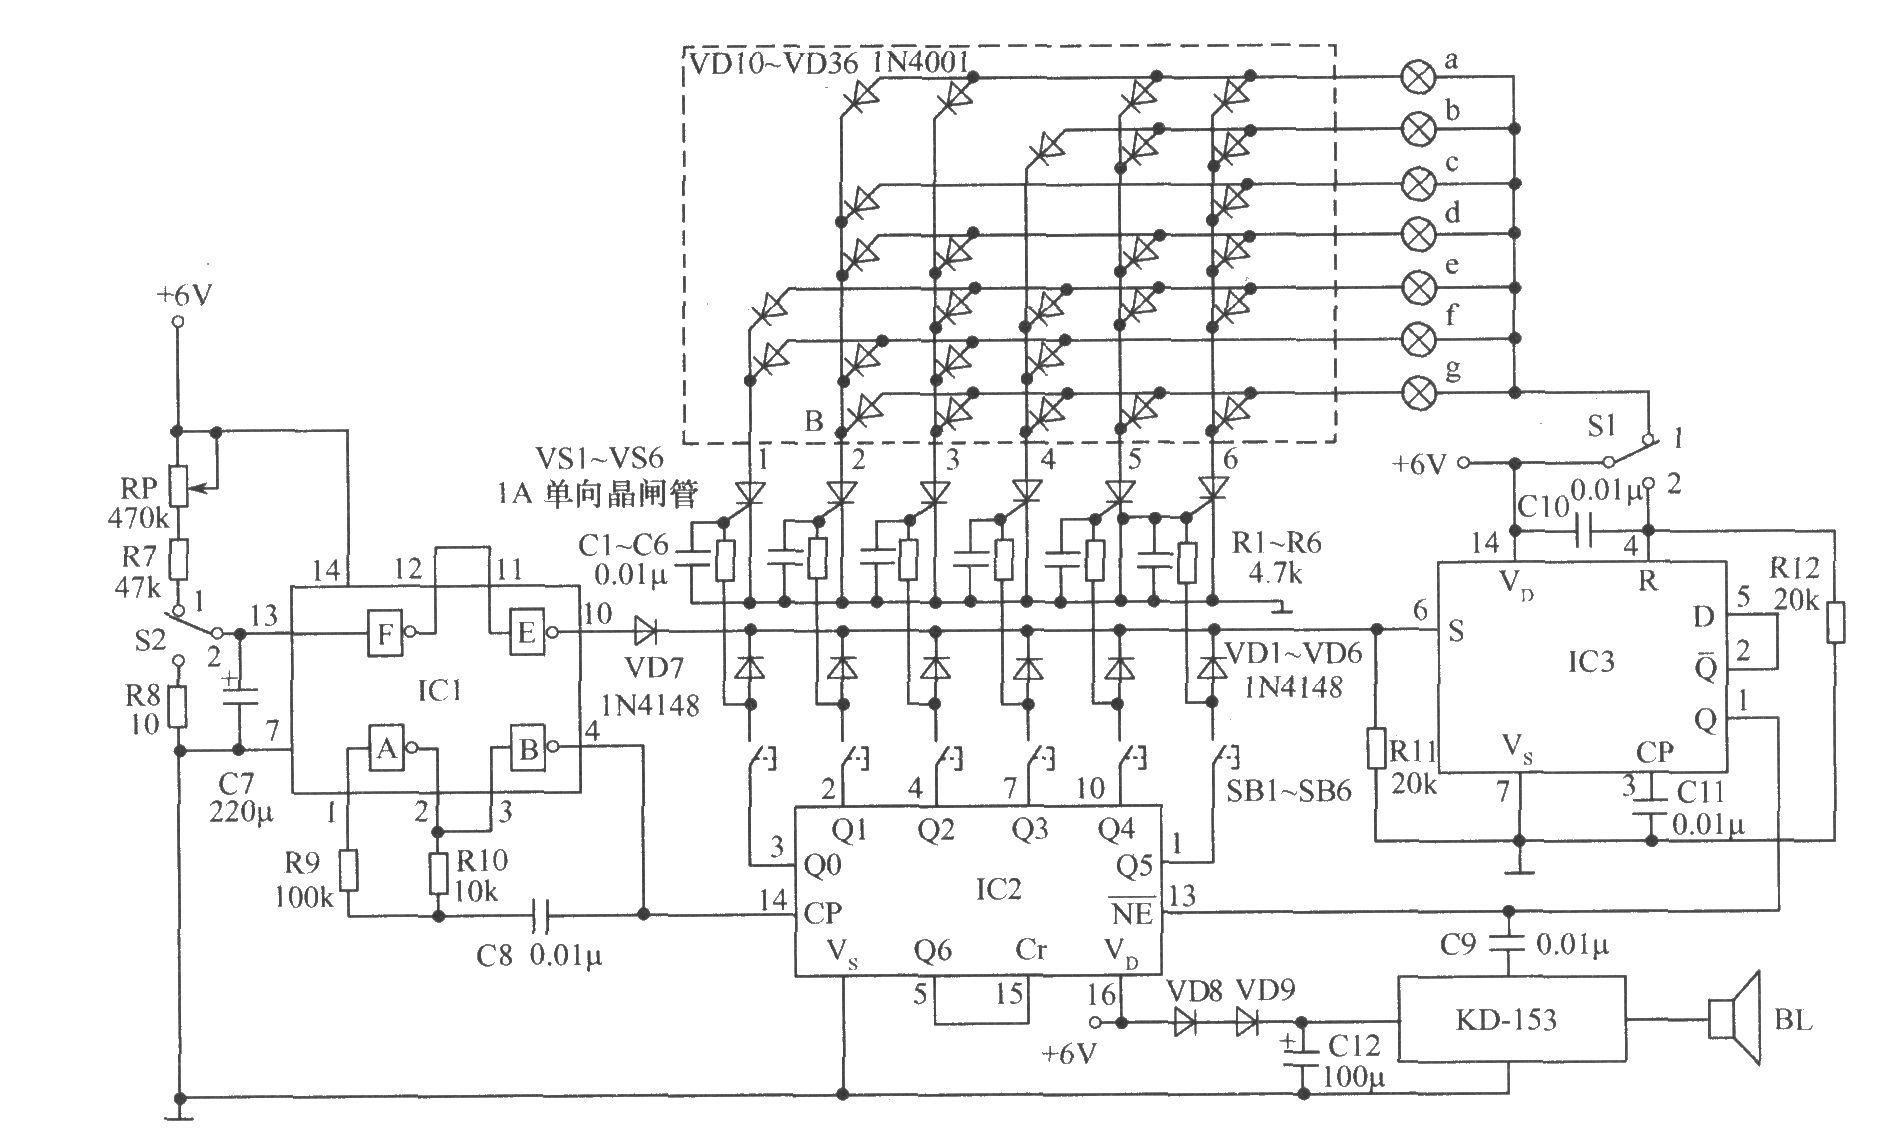 集成电路及部分常用元件,造价低廉。 元器件选择:IC1是一块6非门CD4069,只用了其中的A、B、E、F 4个。IC2为一块BCD计数器/时序译码器CD4017。IC3为一块双D触发器CD4013,只用了其中的1/2。KD-153为一叮咚声音乐片,触发一次,连响3声叮咚声,也可用其他音乐片代替。电源采用6V蓄电池或直流电源。所有电阻均为(1/8)W碳膜电阻;电容除C7、C12为电解电容外,其余均为普通瓷片电容。其他元器件参数如图所示。